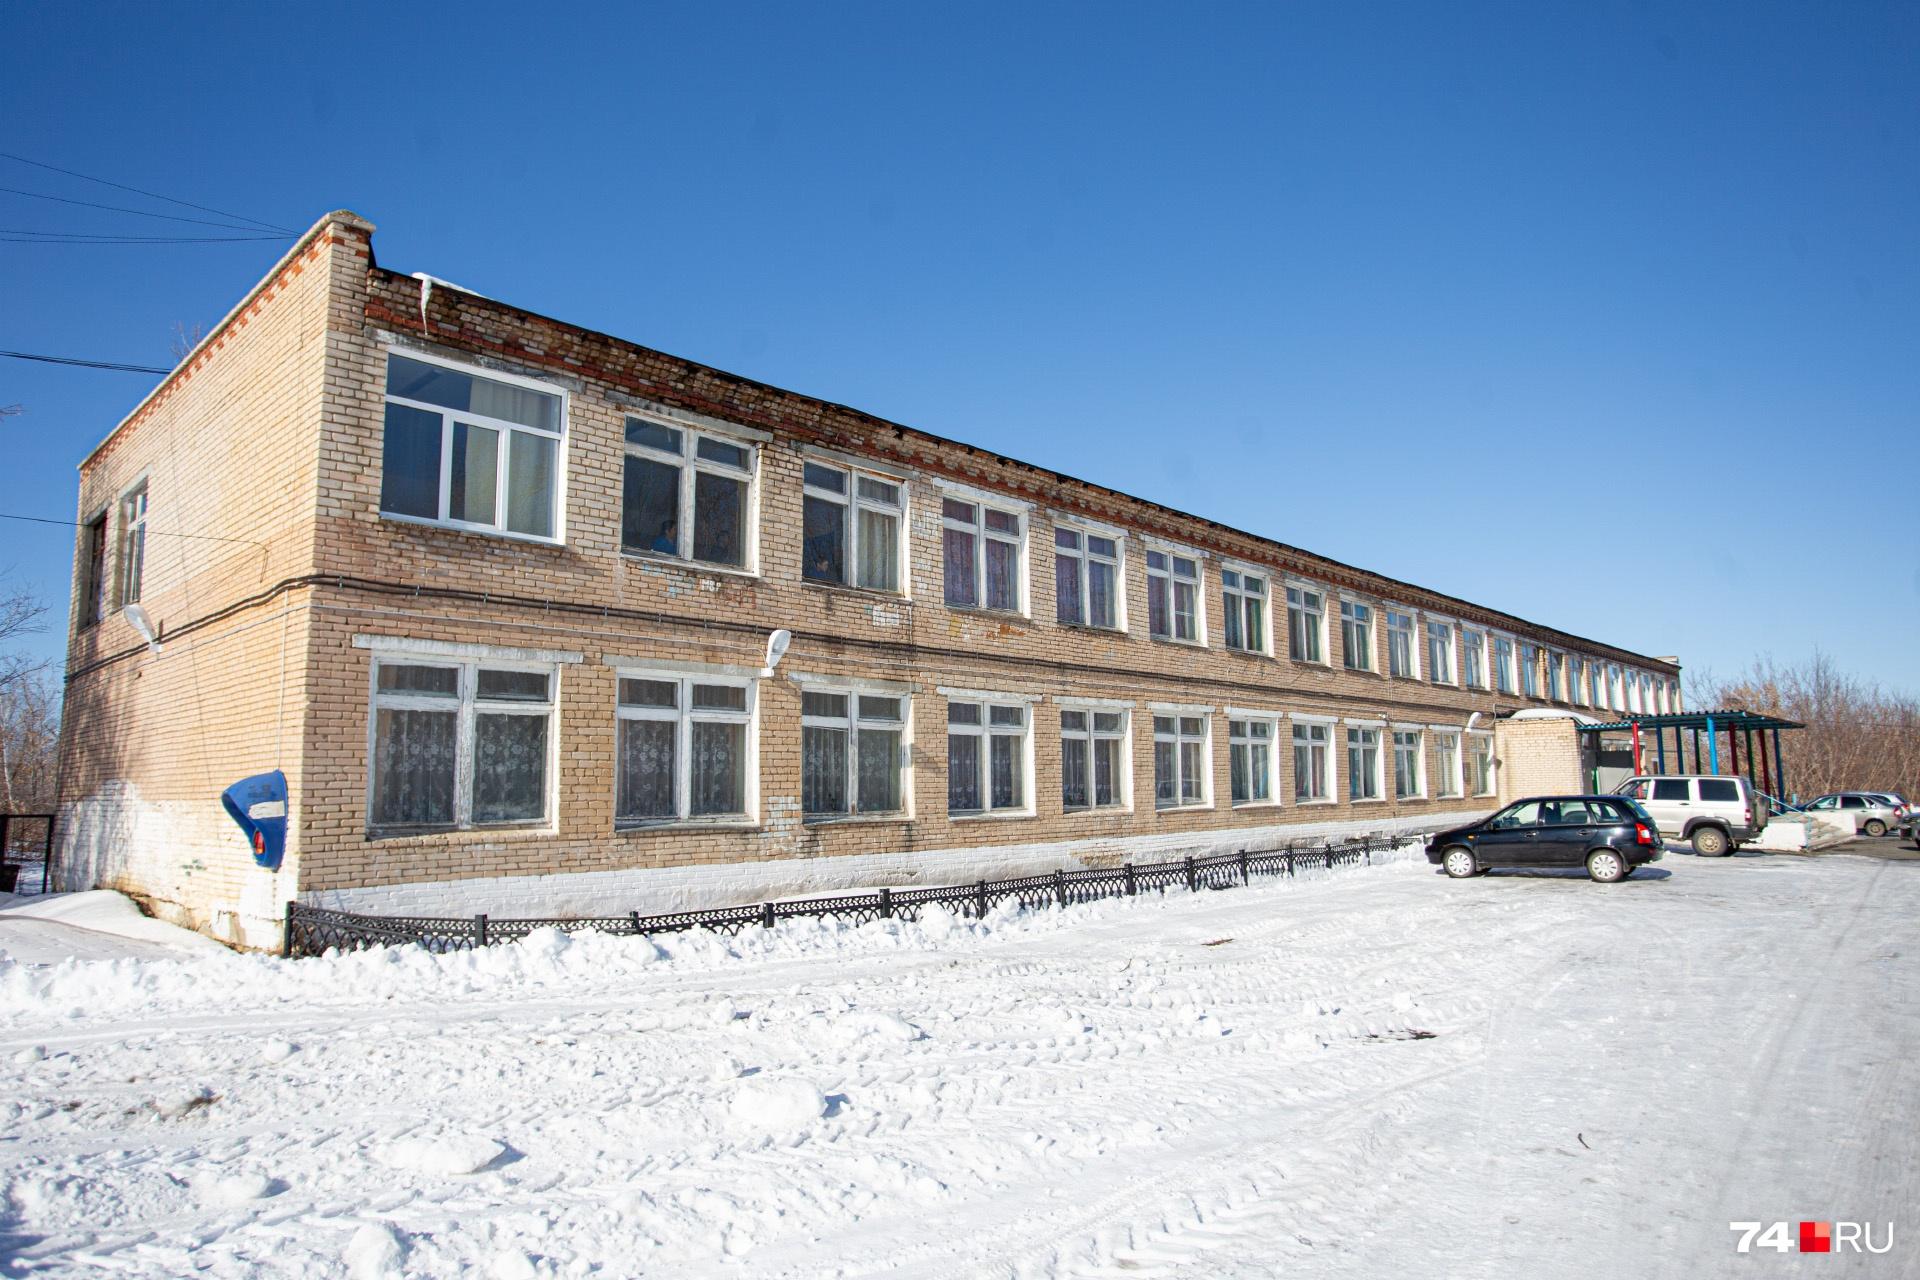 Школа в деревне Новая Соболева довольно большая для села, но учеников теперь немного